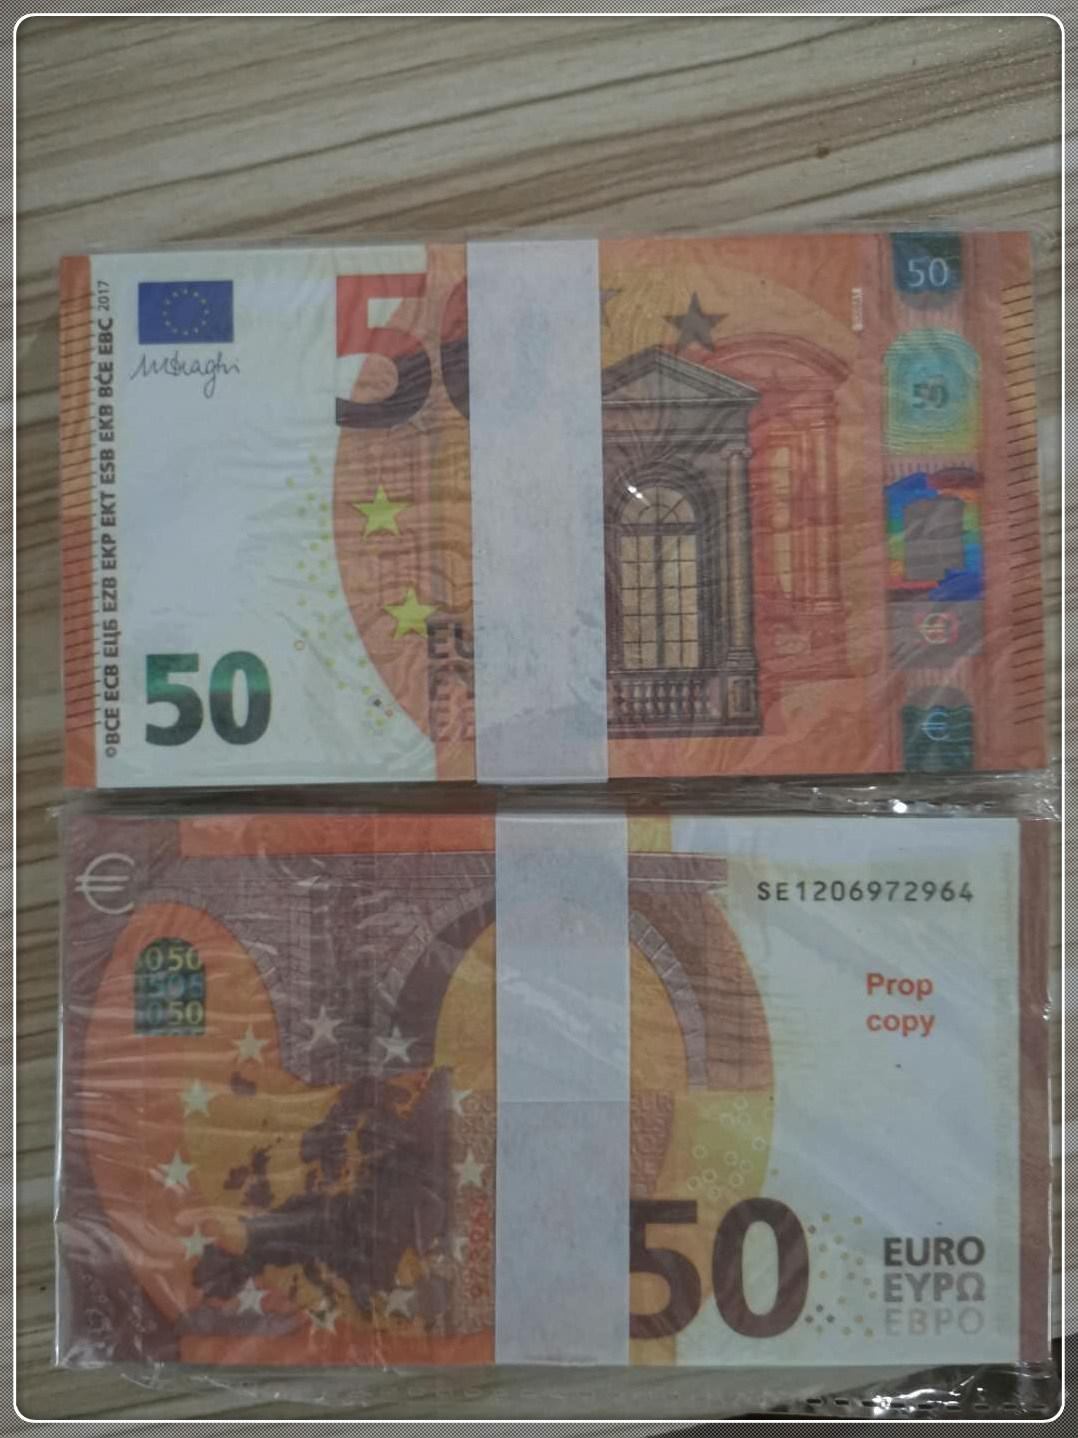 Chaud CNSSH Copie Jouet Party Banknote MV Prop Prop Prop Prop Propulsion 50 Atmosphère Bar Le50-10 Scène de scène contrefaite EURO SUTUF